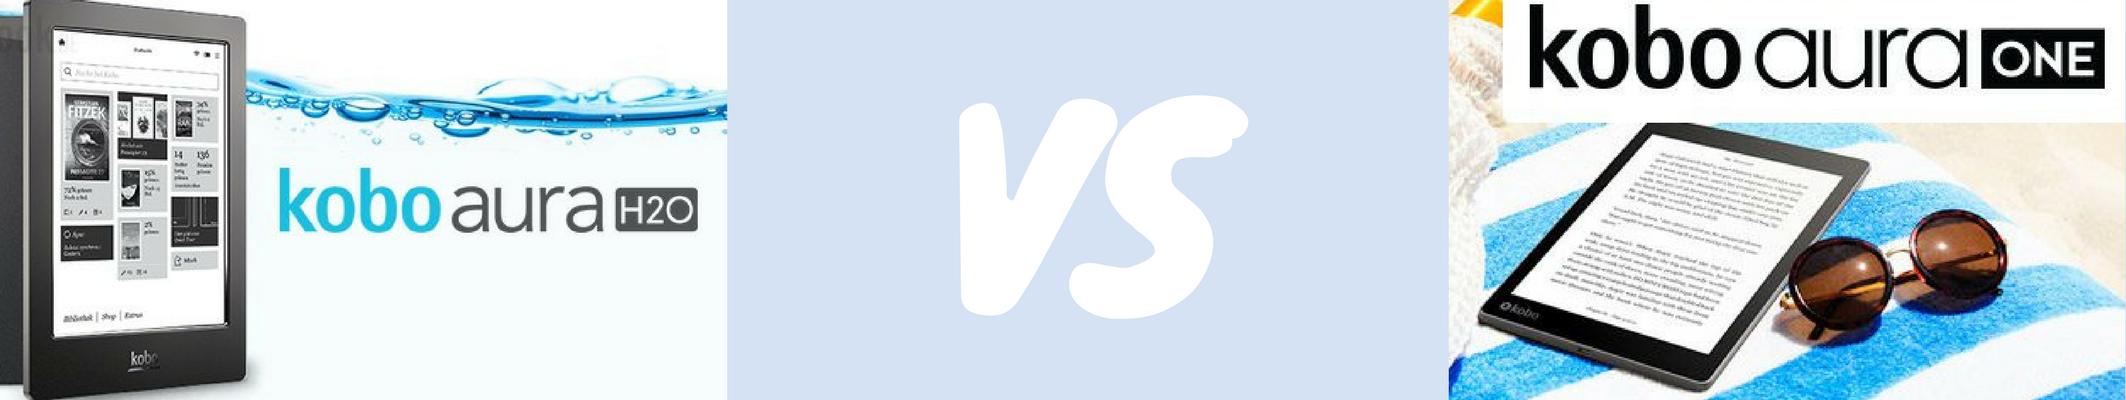 Porównanie czytników Kobo - Kobo Aura One i Kobo H20 edycja 2.